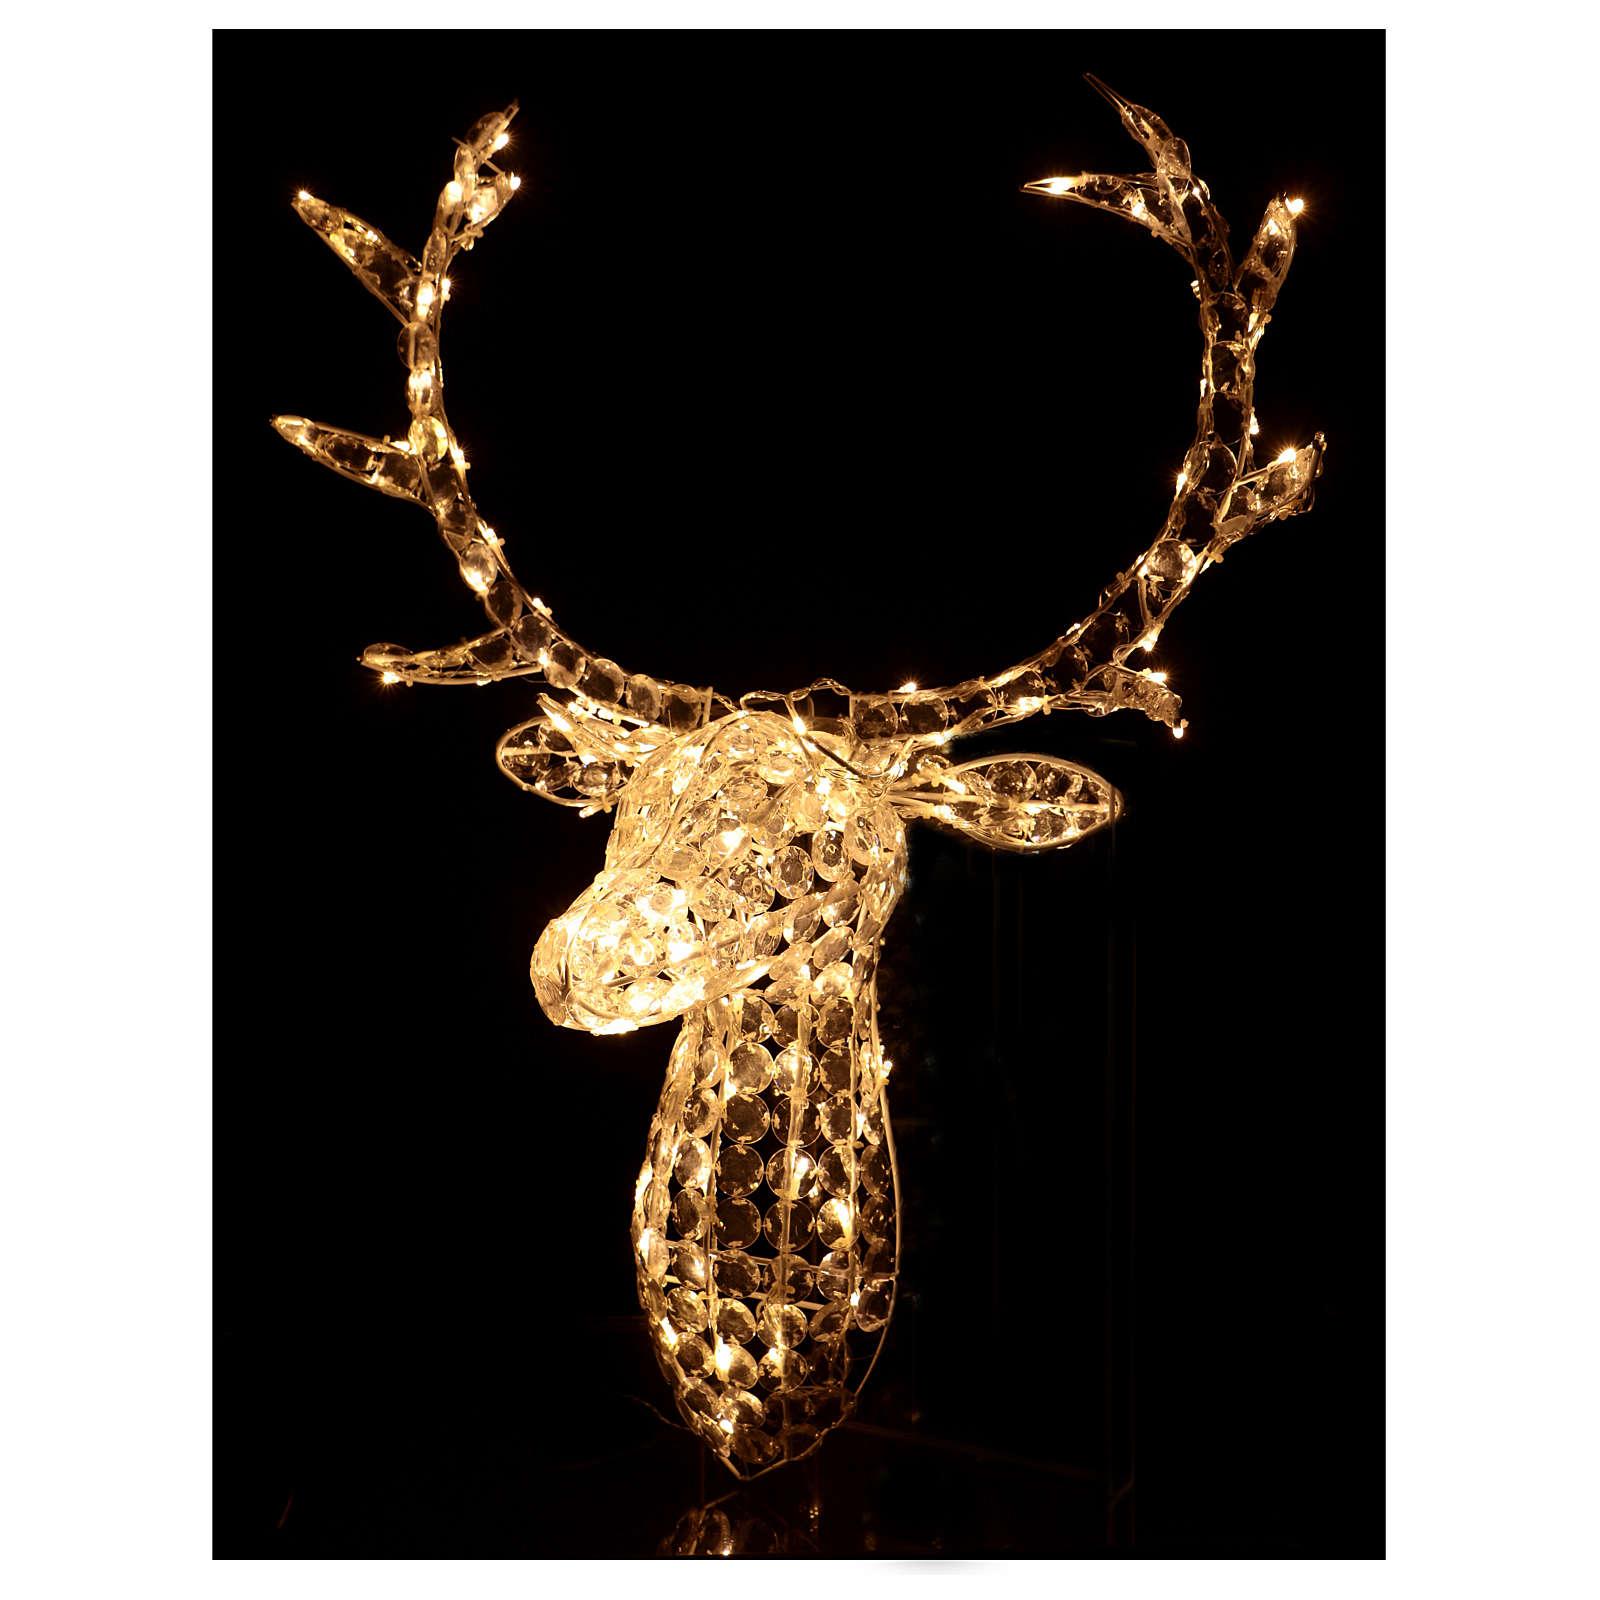 Luce testa di renna 140 LED h. 84 cm uso int est bianco caldo 3